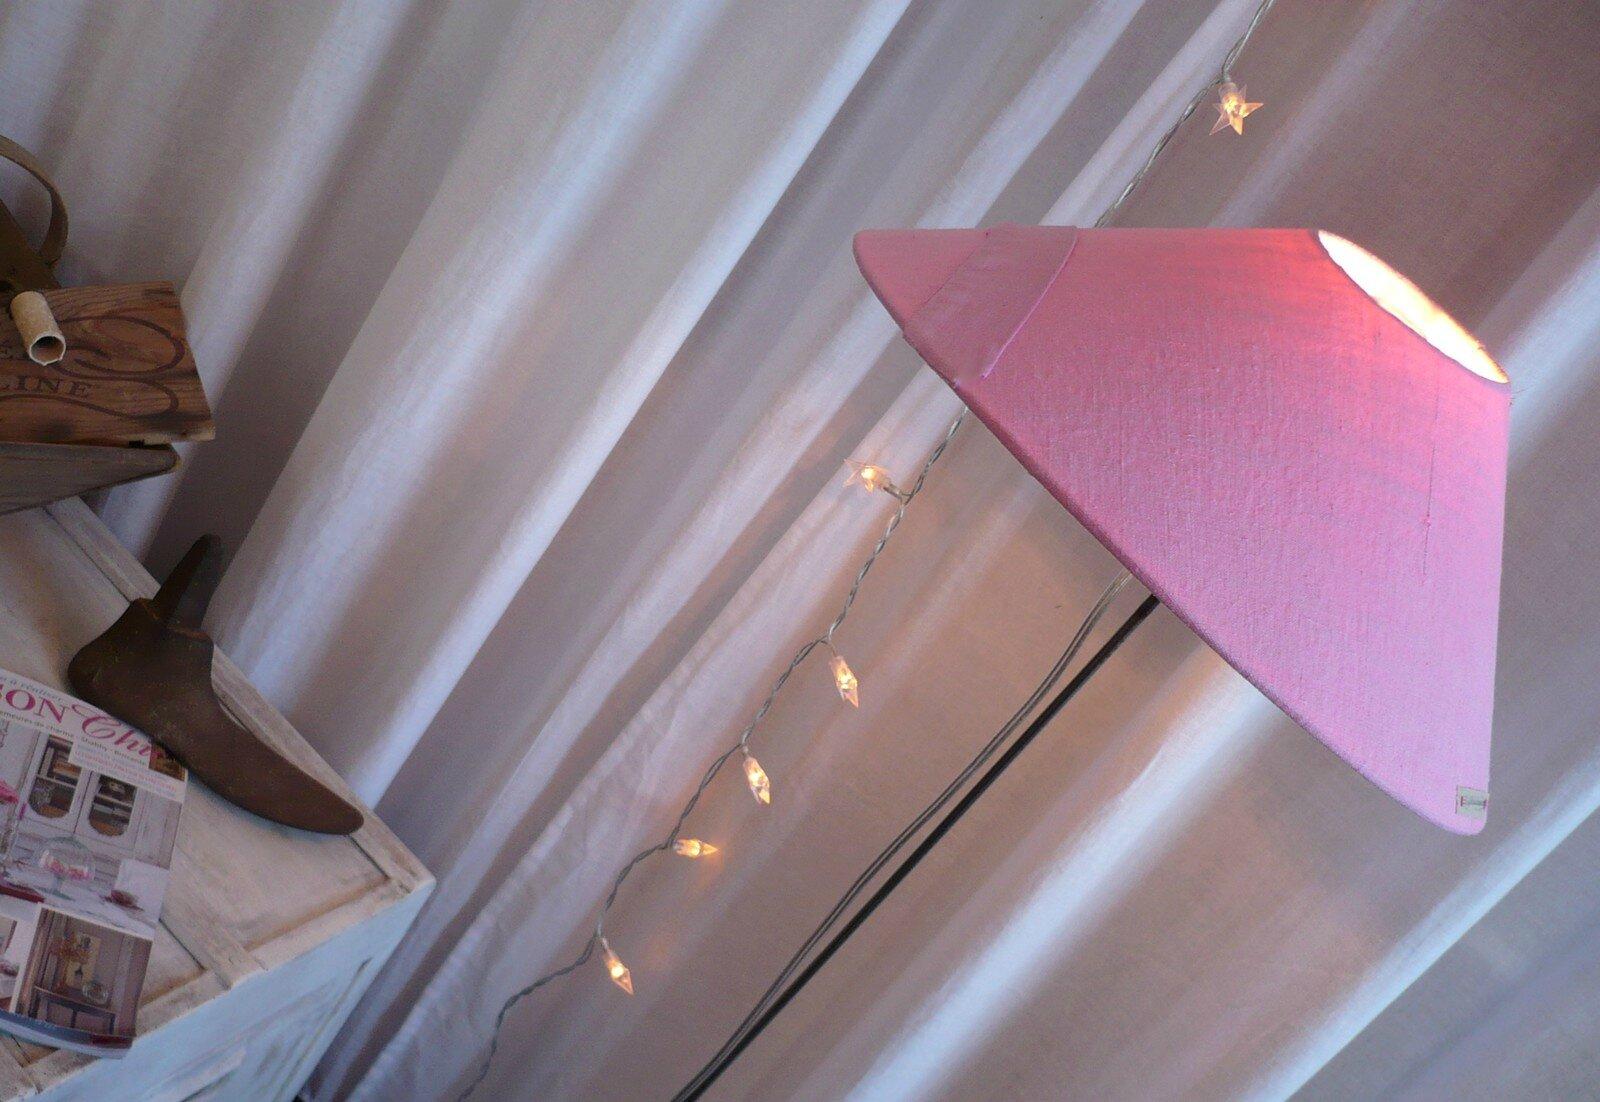 les ann es 50 sont dans la tendance l 39 abat jour se met la page lafilleduhangar. Black Bedroom Furniture Sets. Home Design Ideas